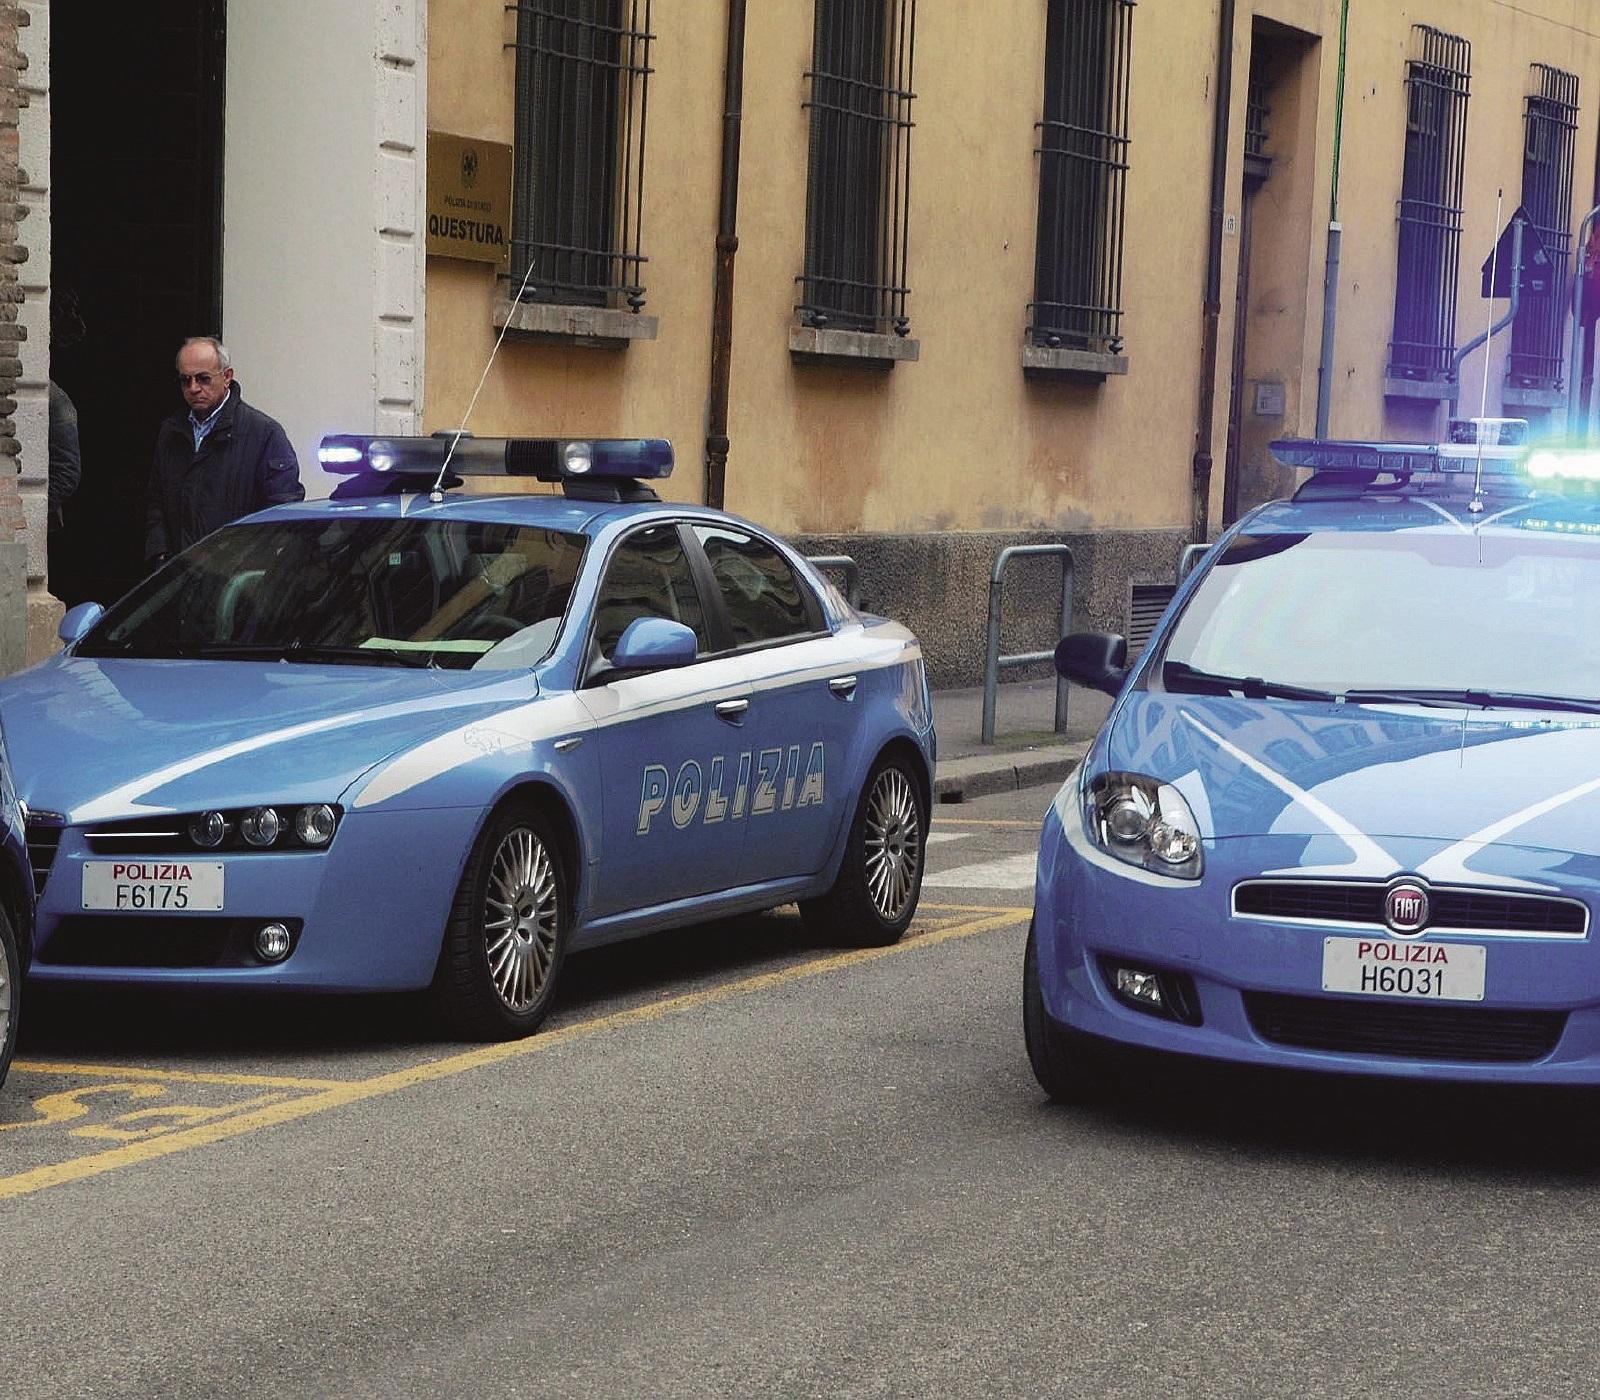 L'evaso dal  carcere di San Marino finisce in cella: preso dalla polizia